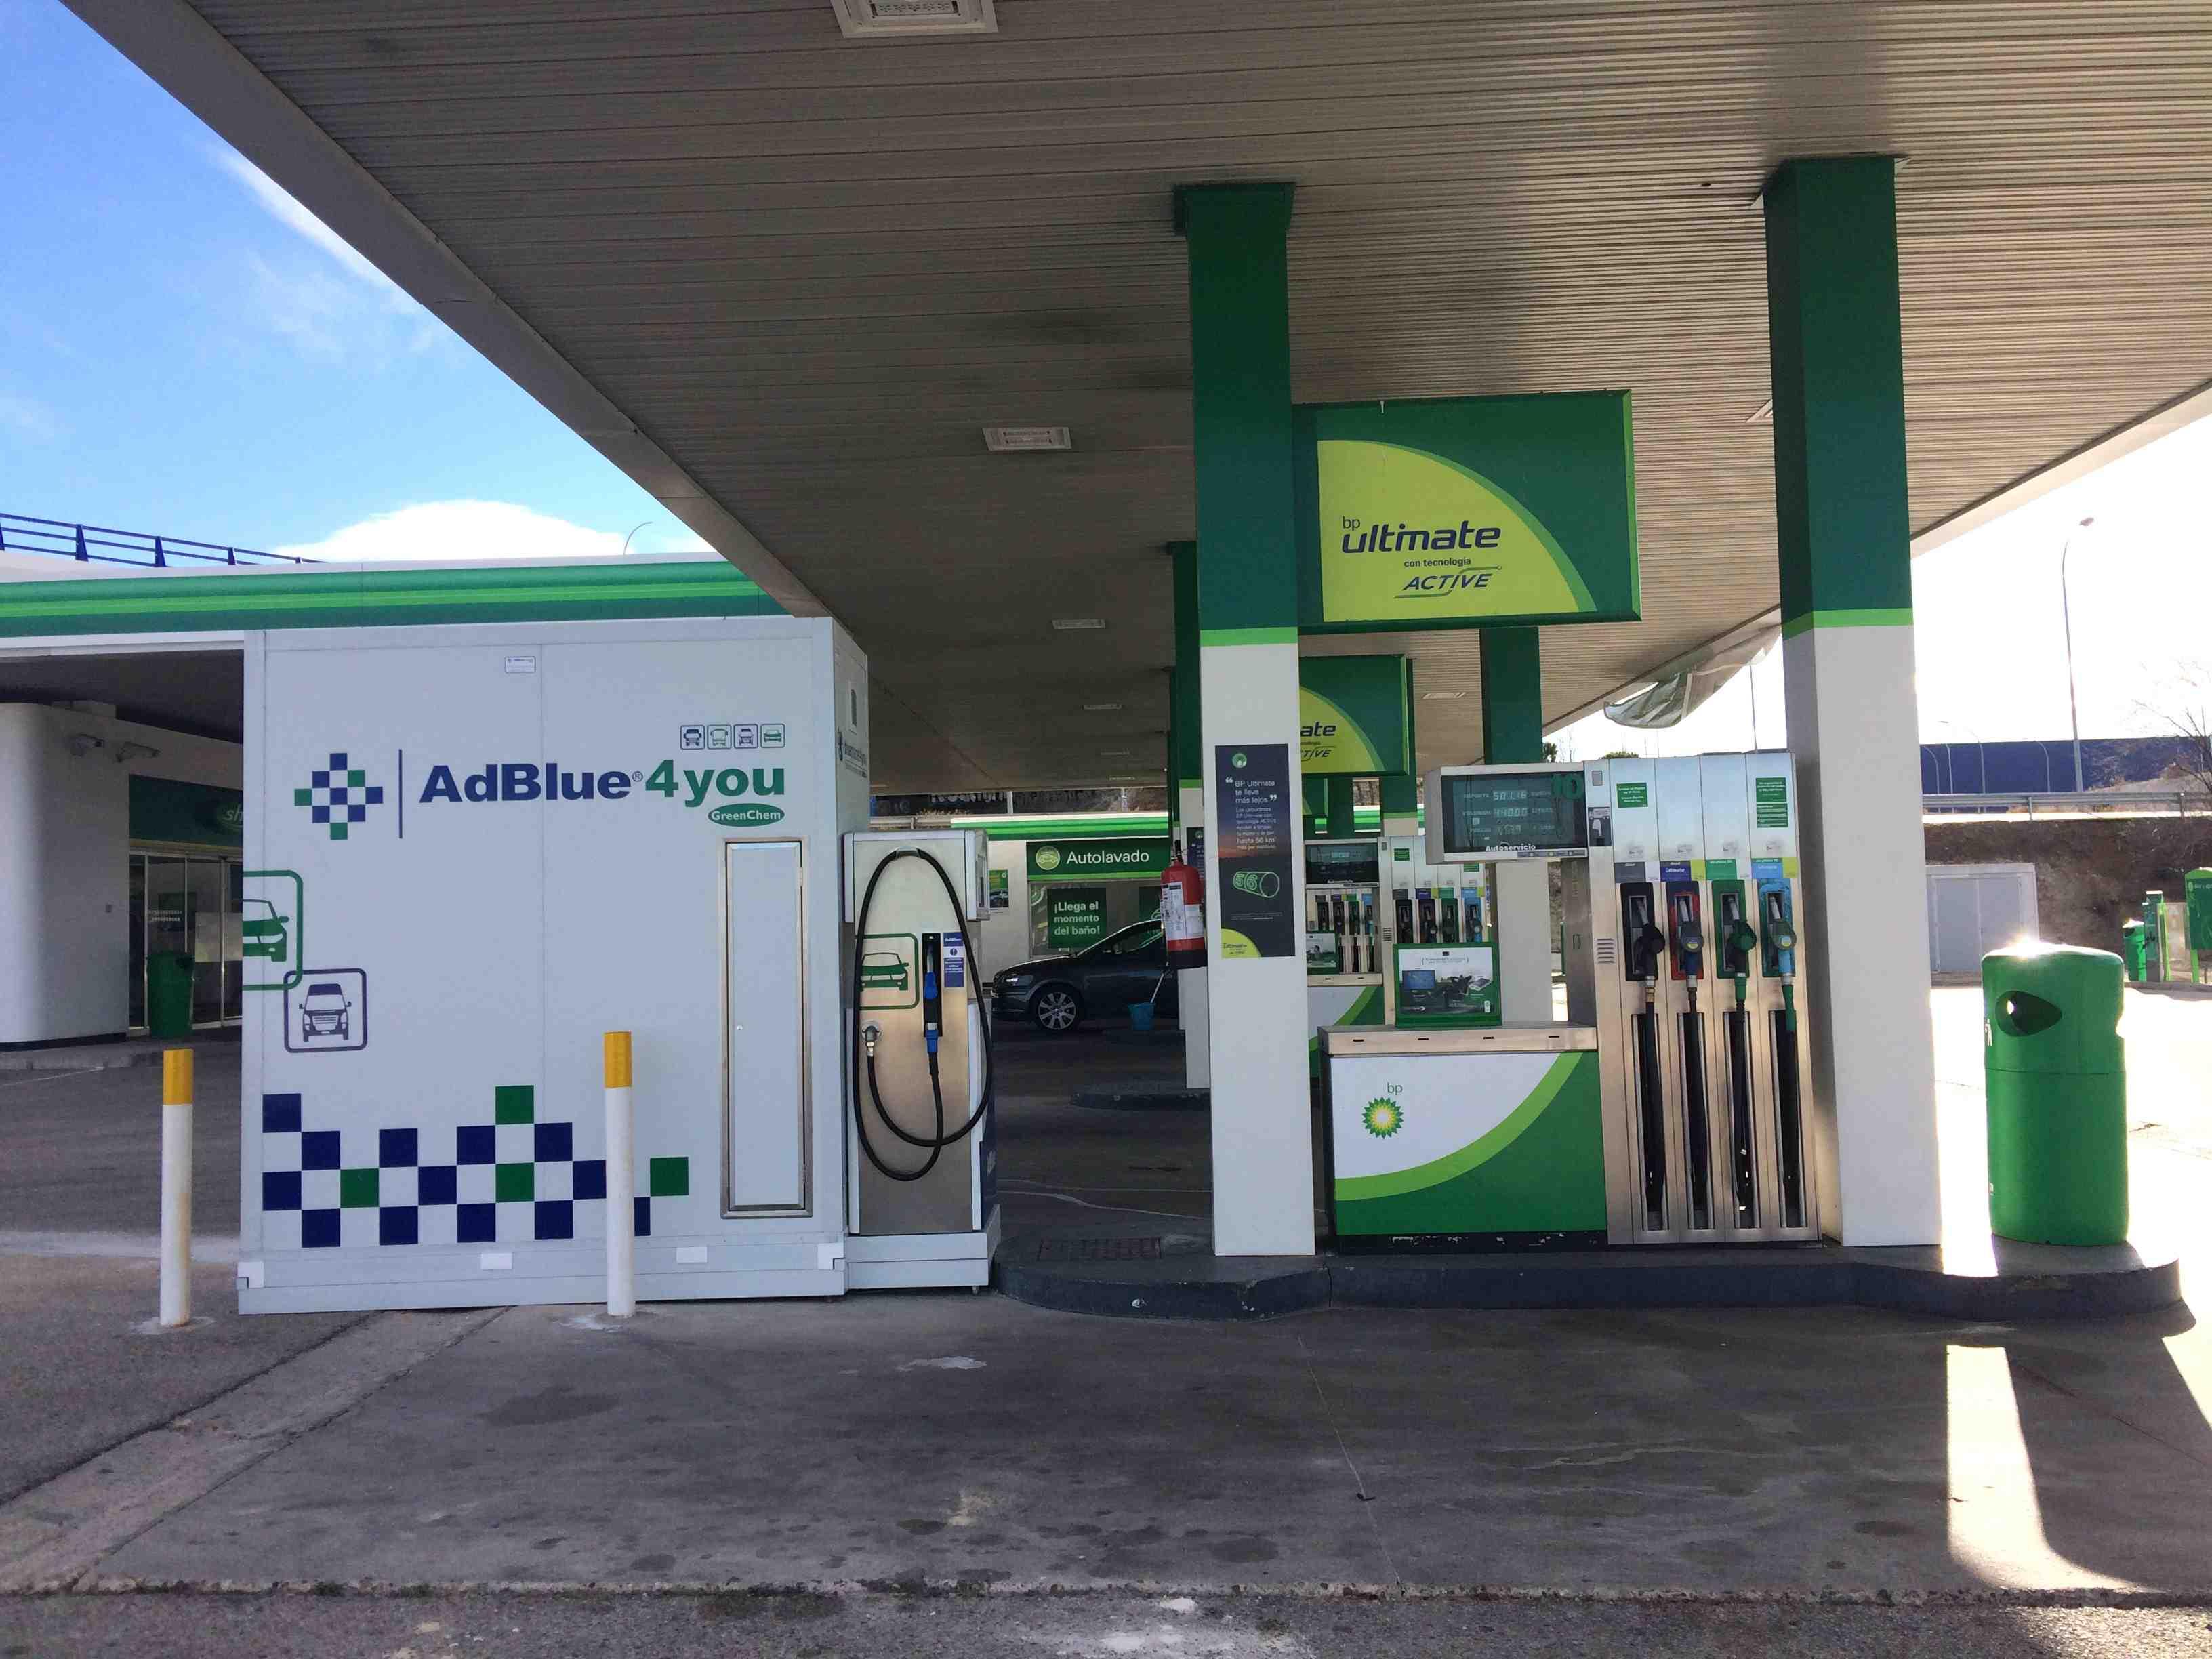 Instalación de Equipos AdBlue en Estaciones de Servicio